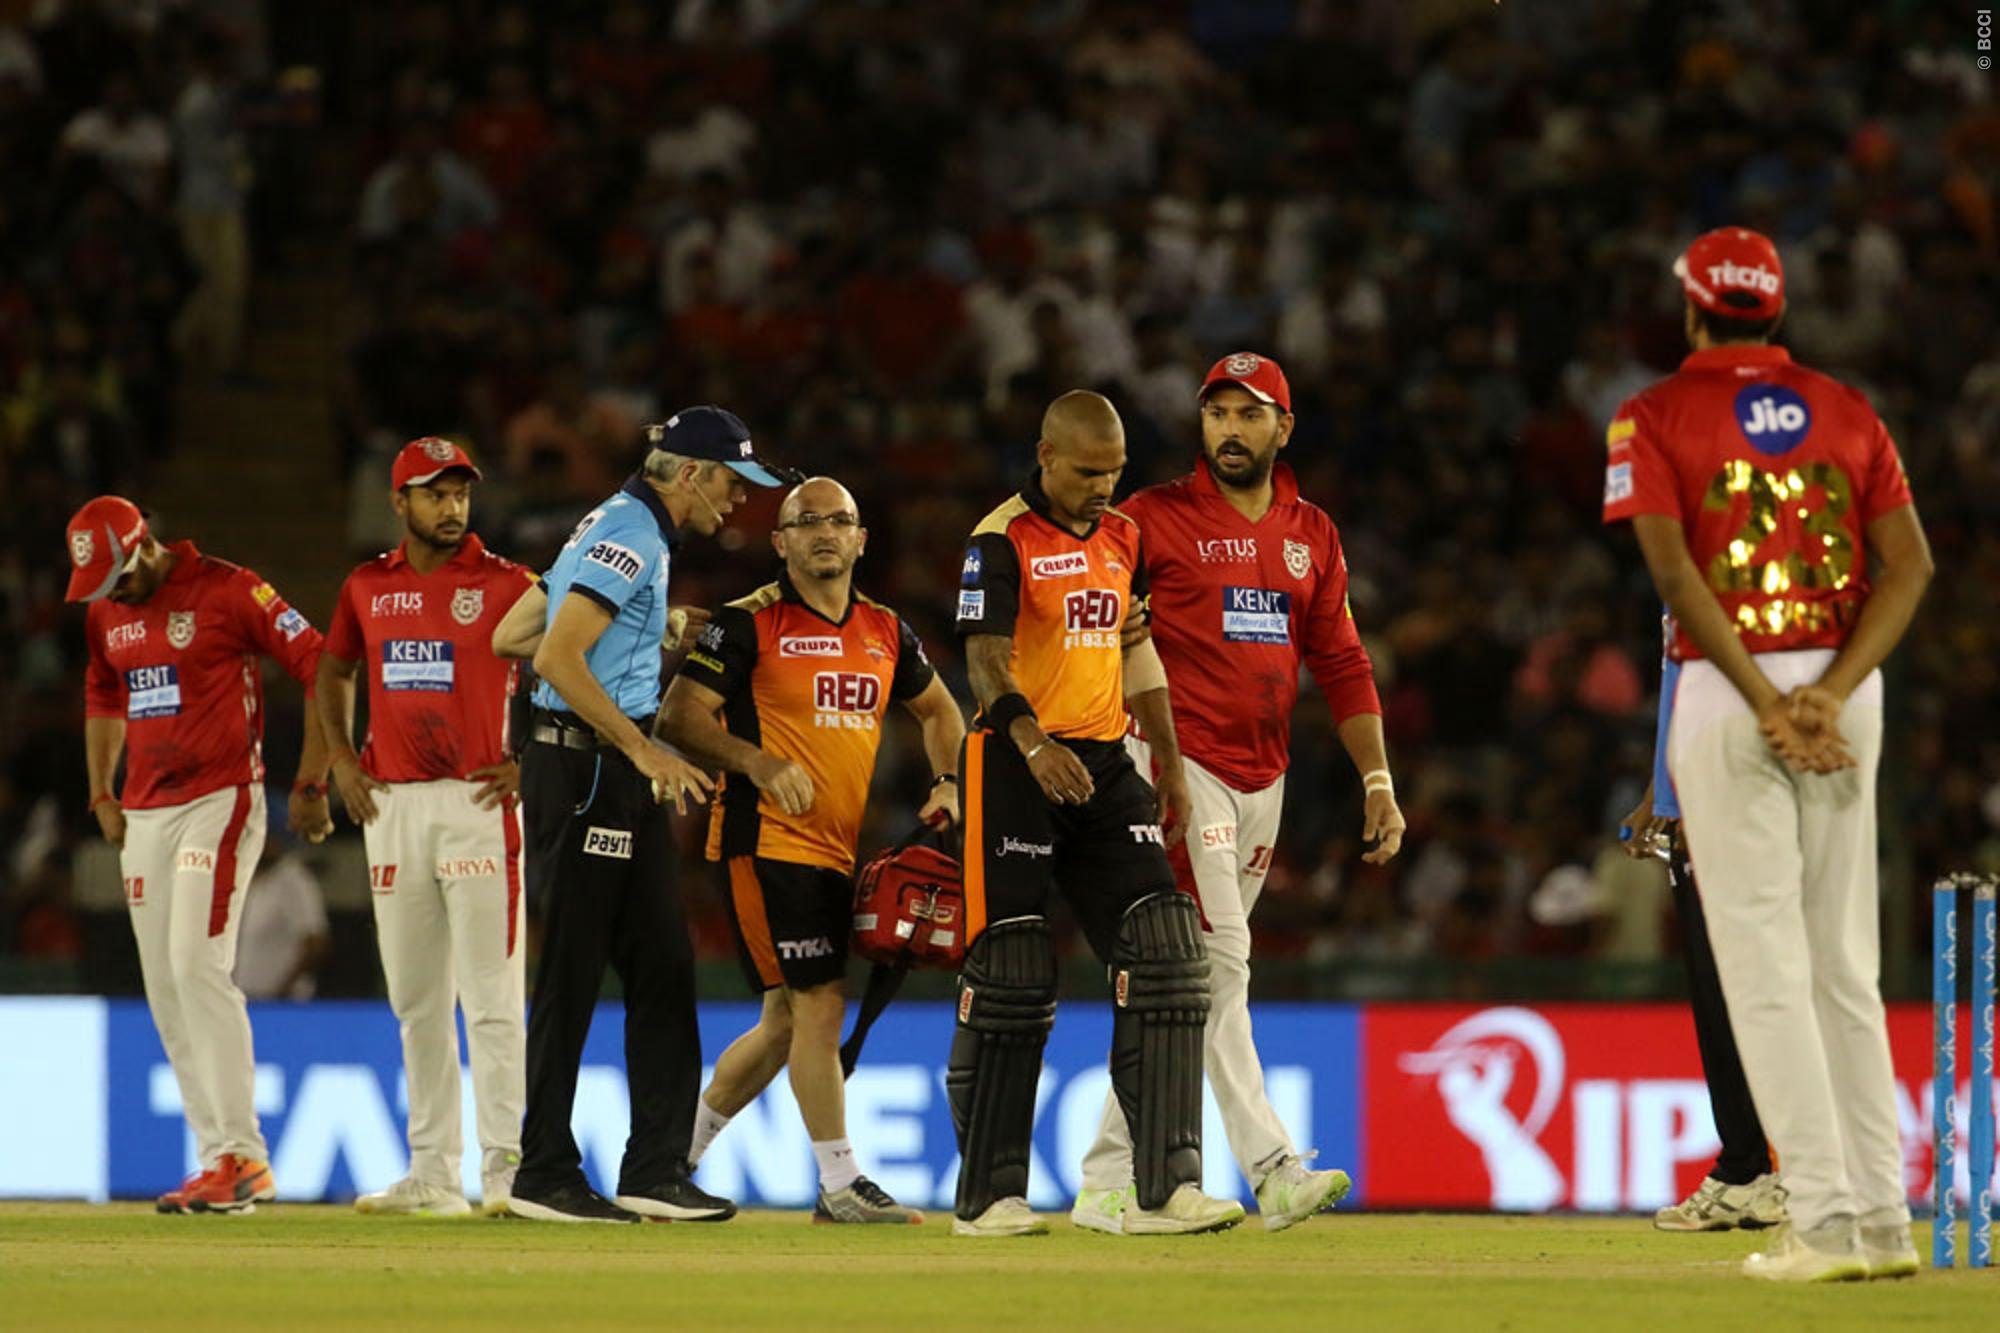 सन राइजर्स के कप्तान केन विलियम्सन ने सीधे तौर पर इस खिलाड़ी के सिर फोड़ा हैदराबाद की हार का ठीकरा 40